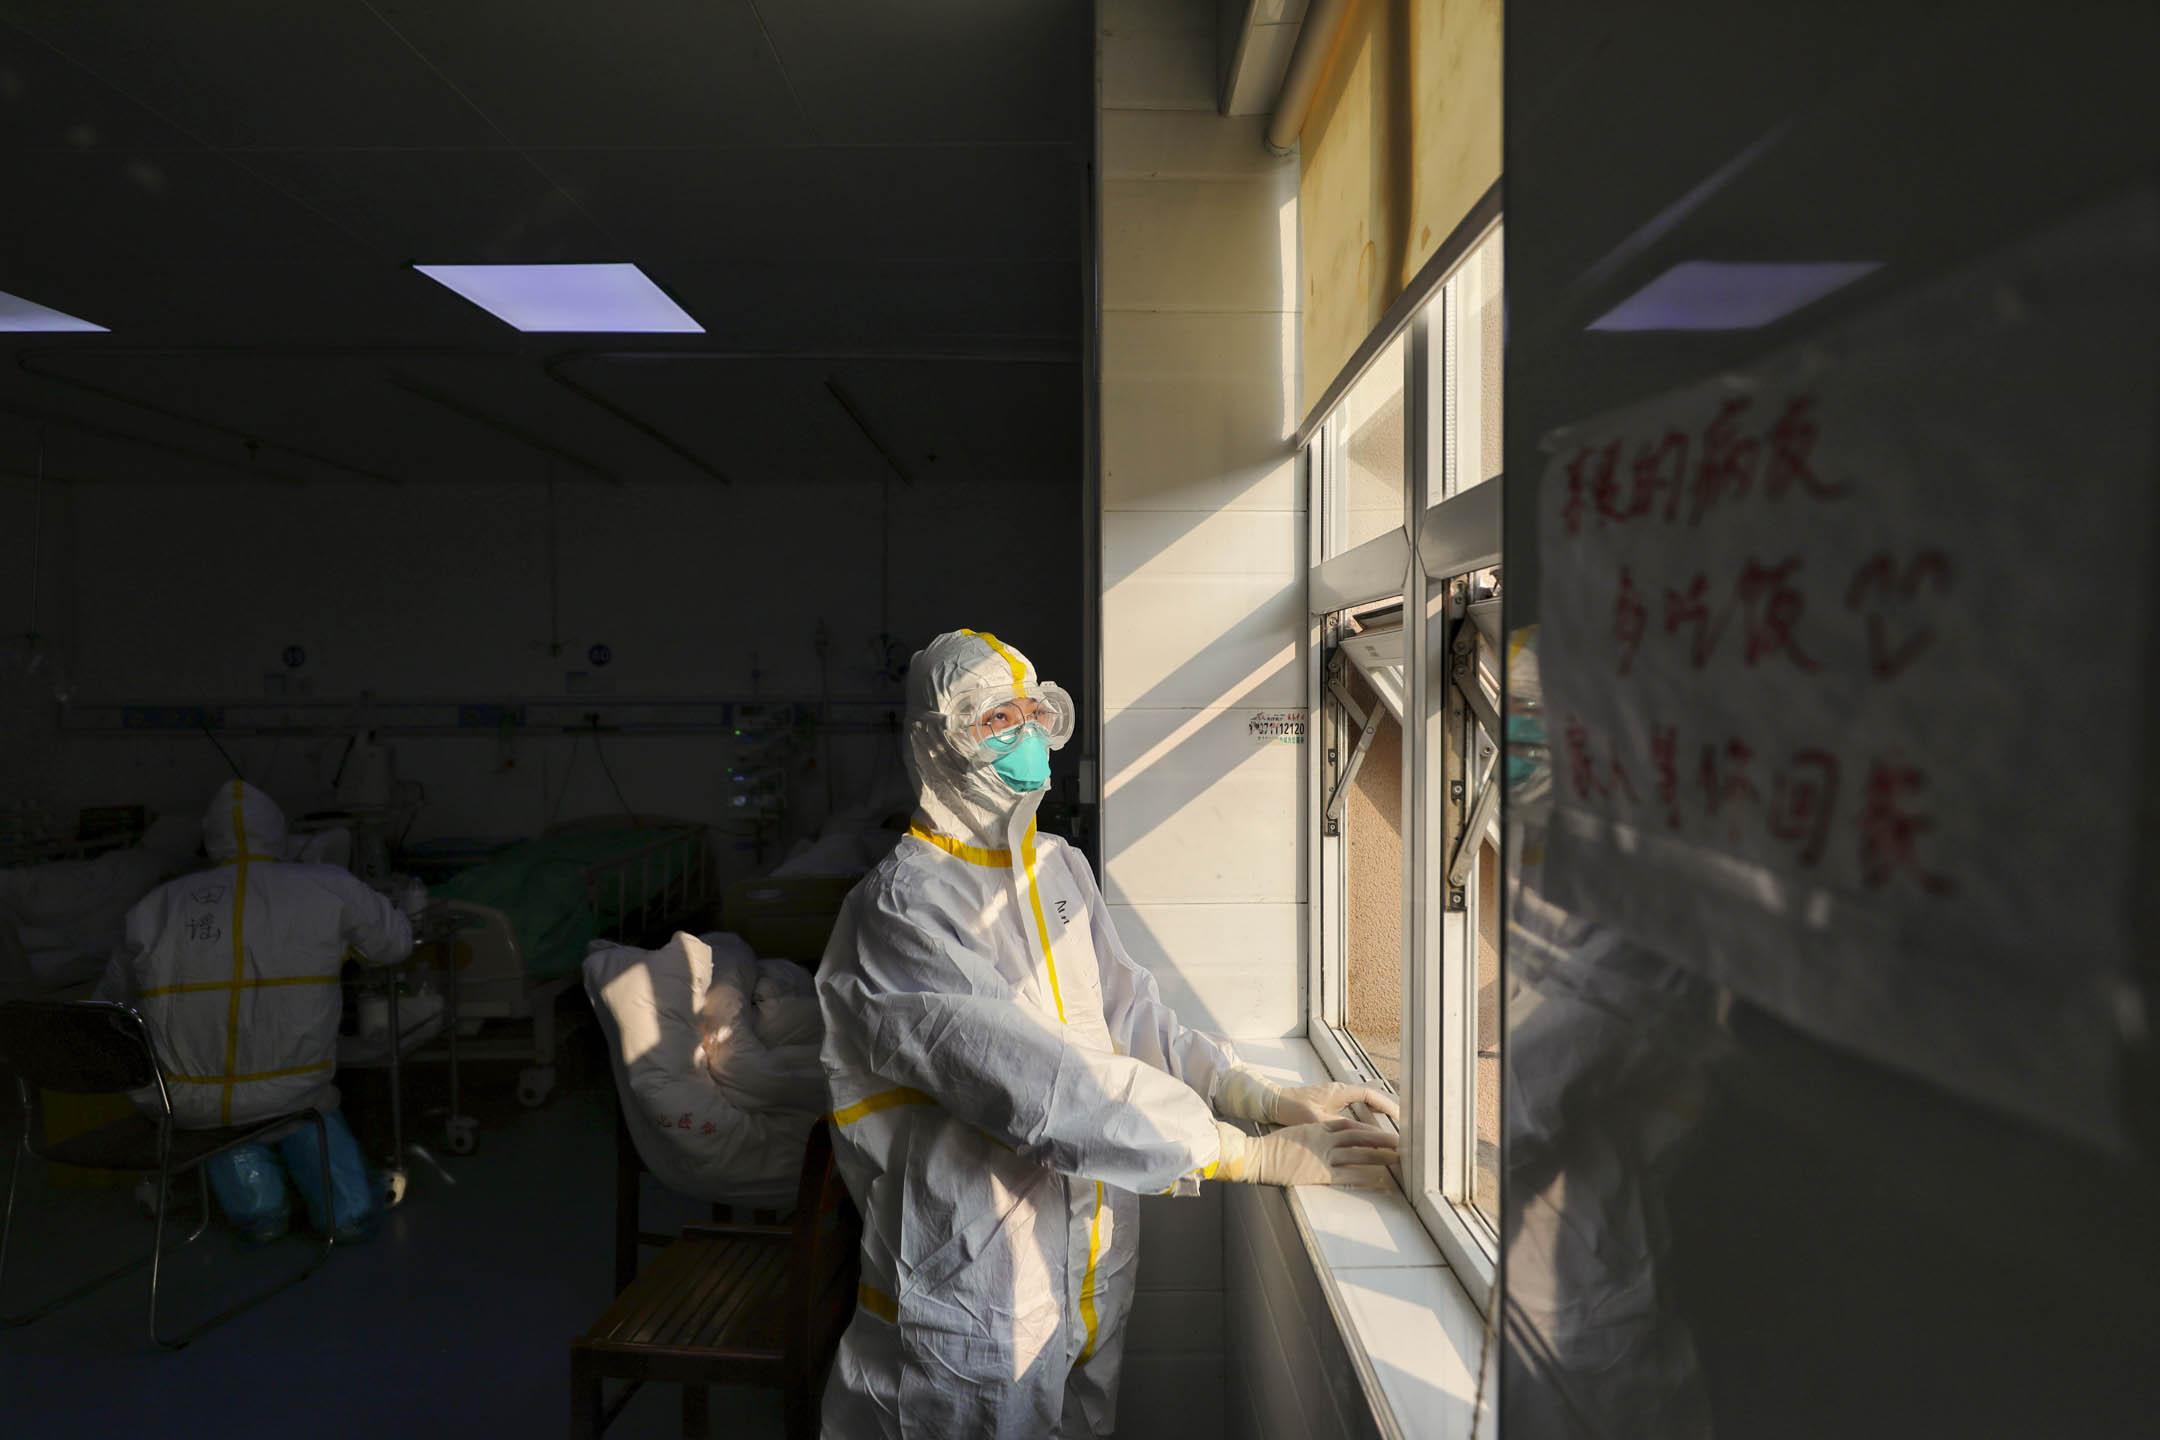 2020年3月12日,一名醫護人員在武漢一所曾經專門治療新冠肺炎患者的醫院向窗外望。 攝:Feature China/Barcroft Media via Getty Images